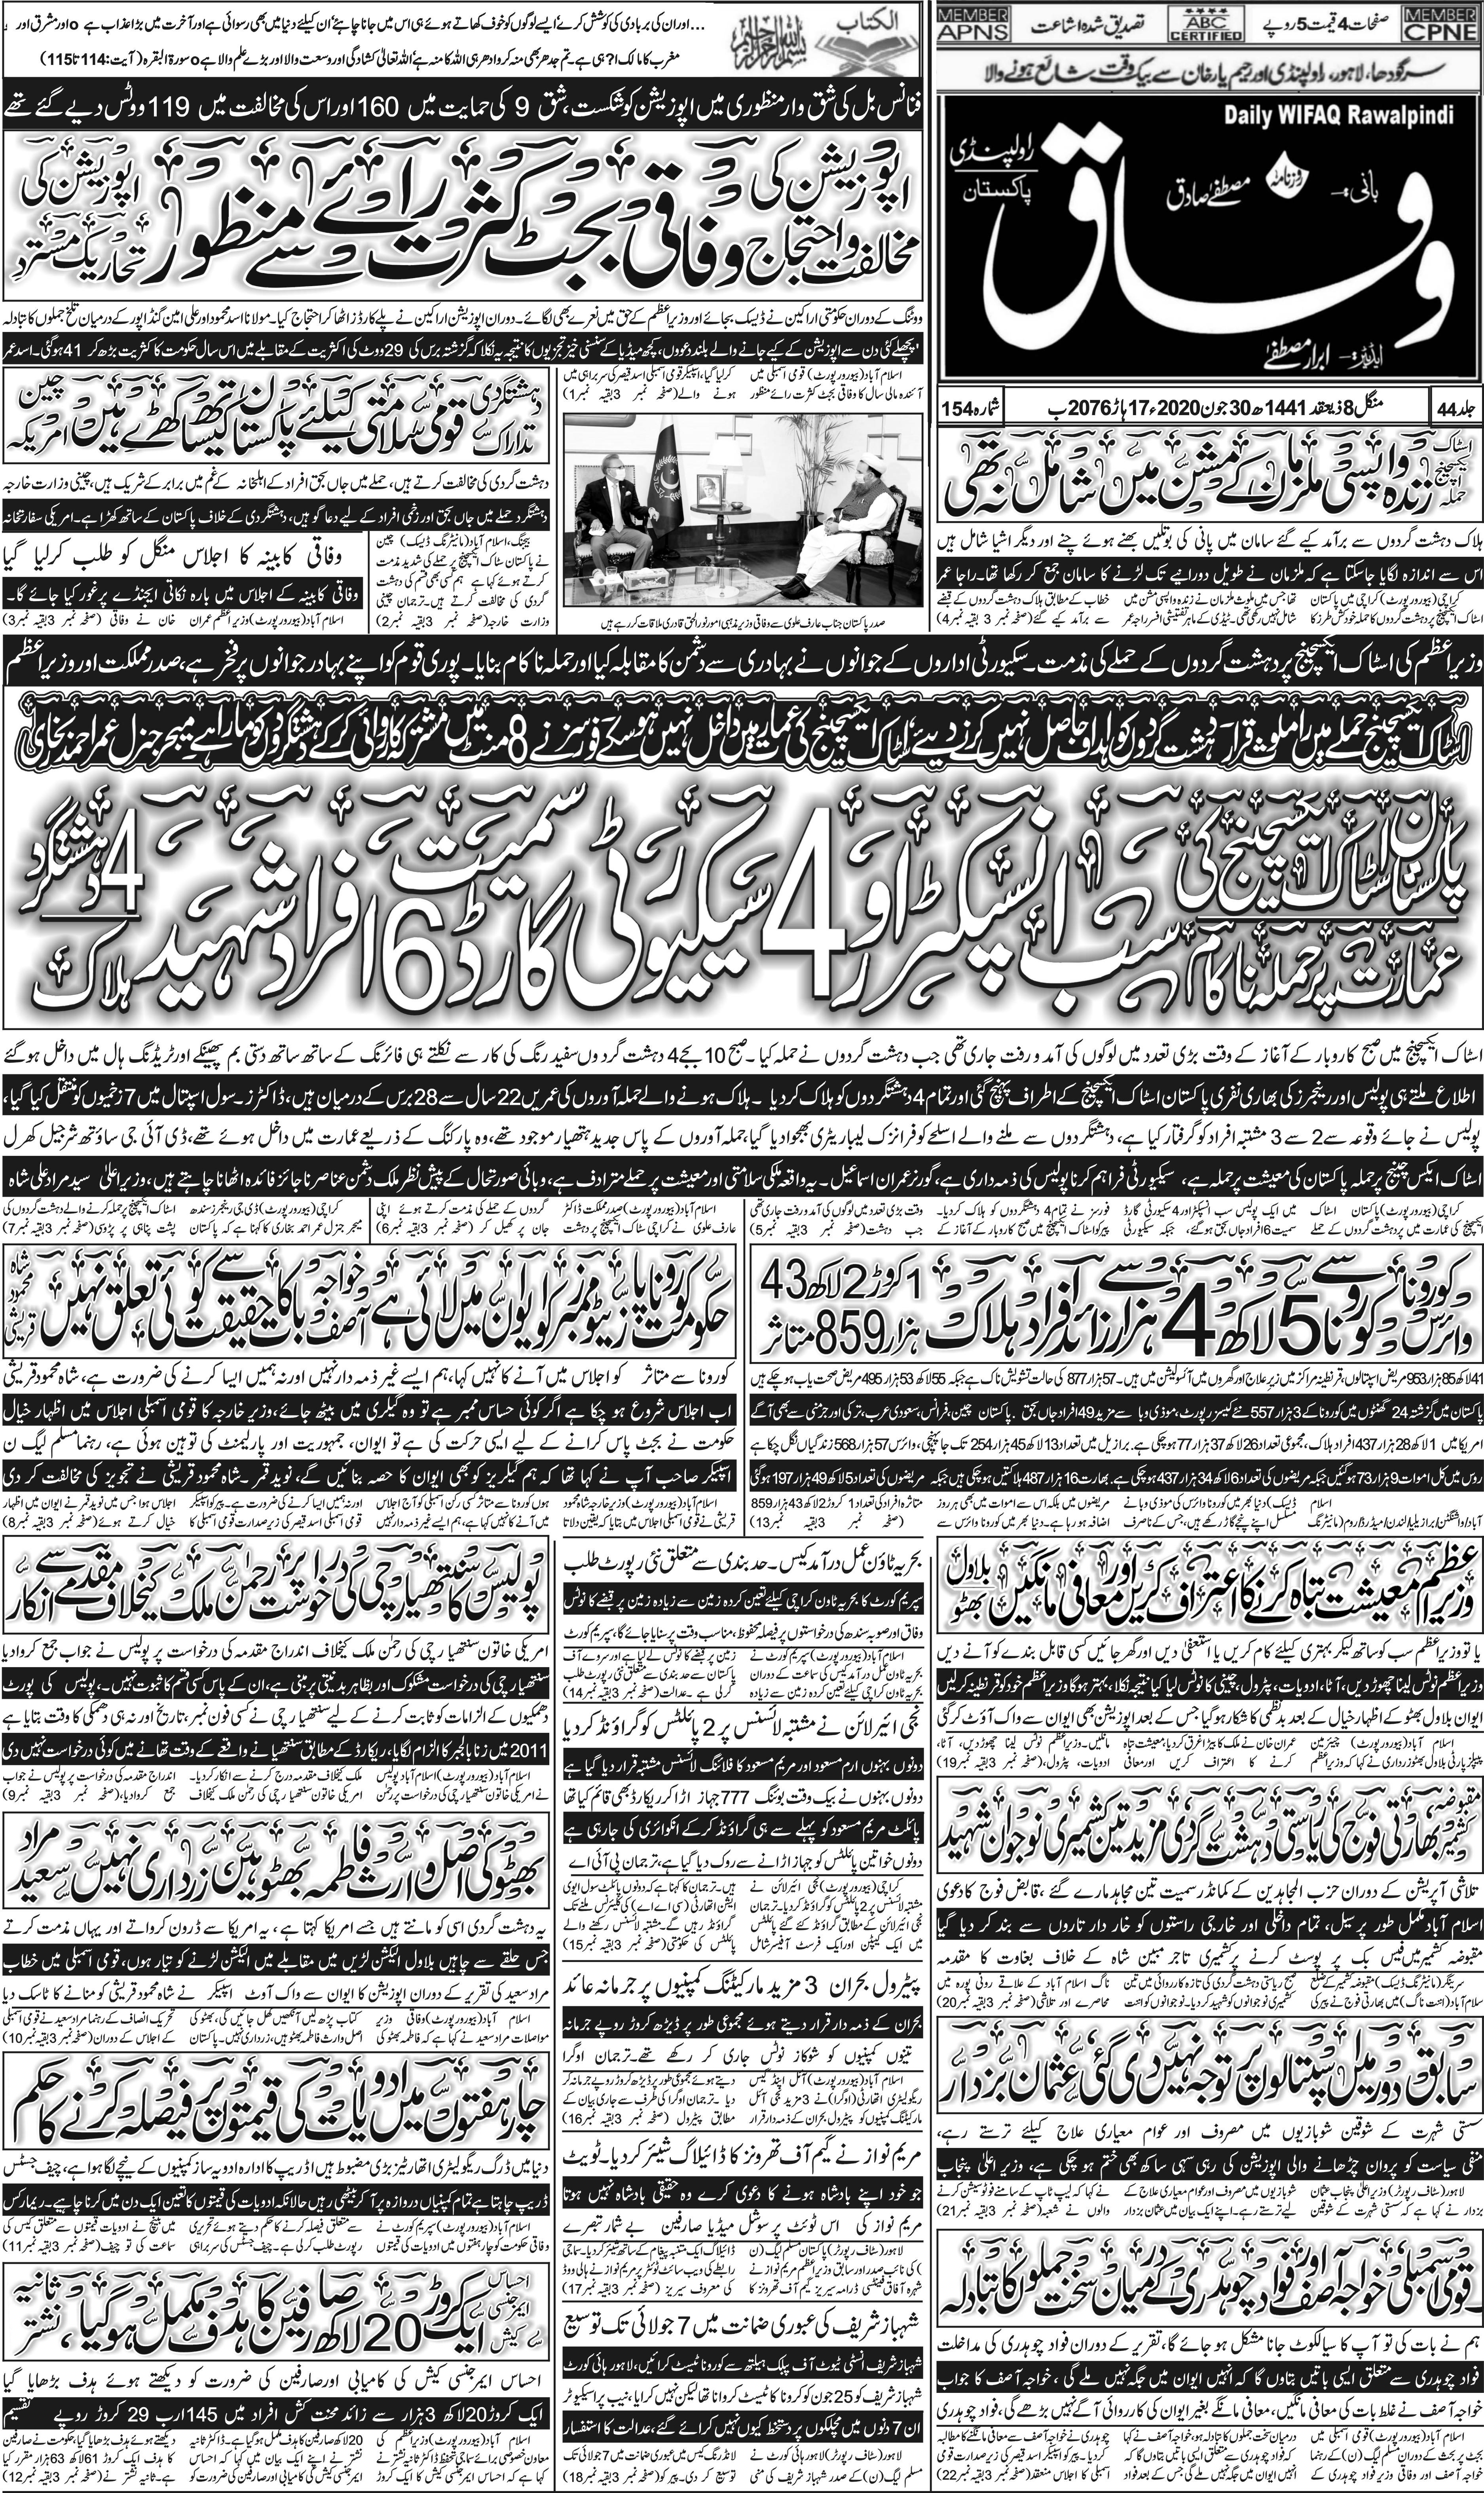 e-Paper – Daily Wifaq – Rawalpindi – 30-06-2020